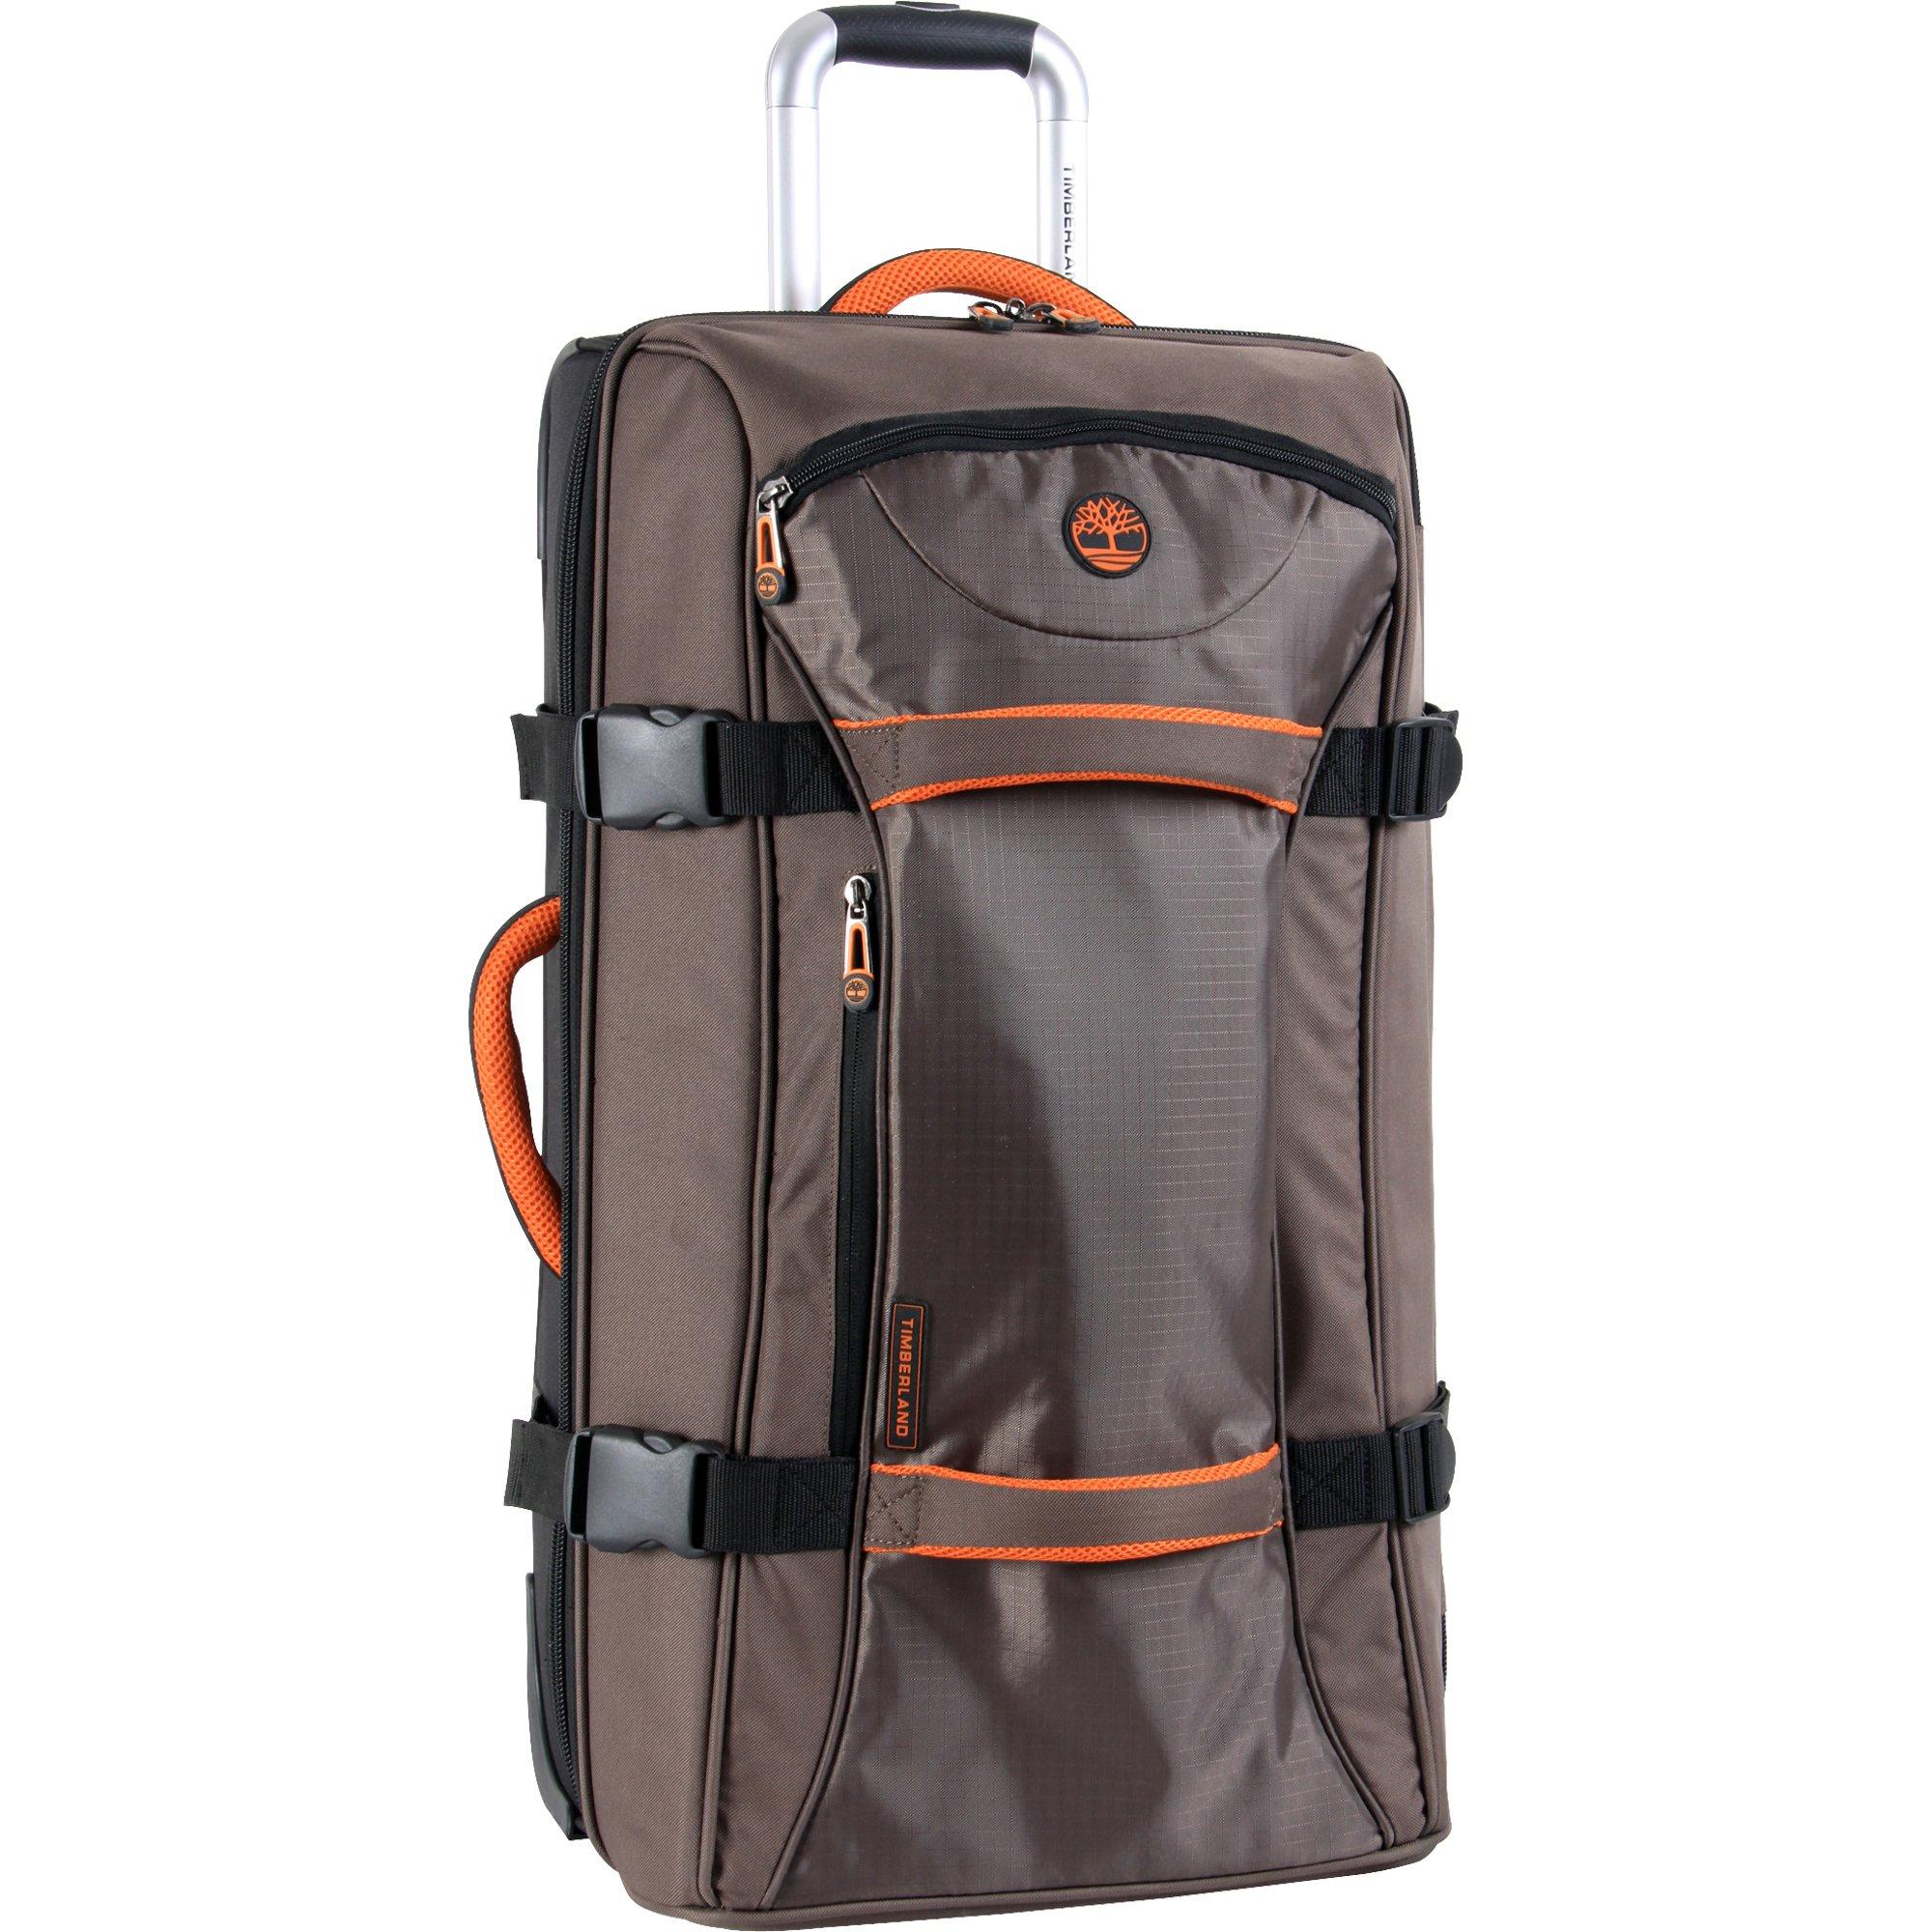 Timberland Wheeled Duffle Bag Lightweight